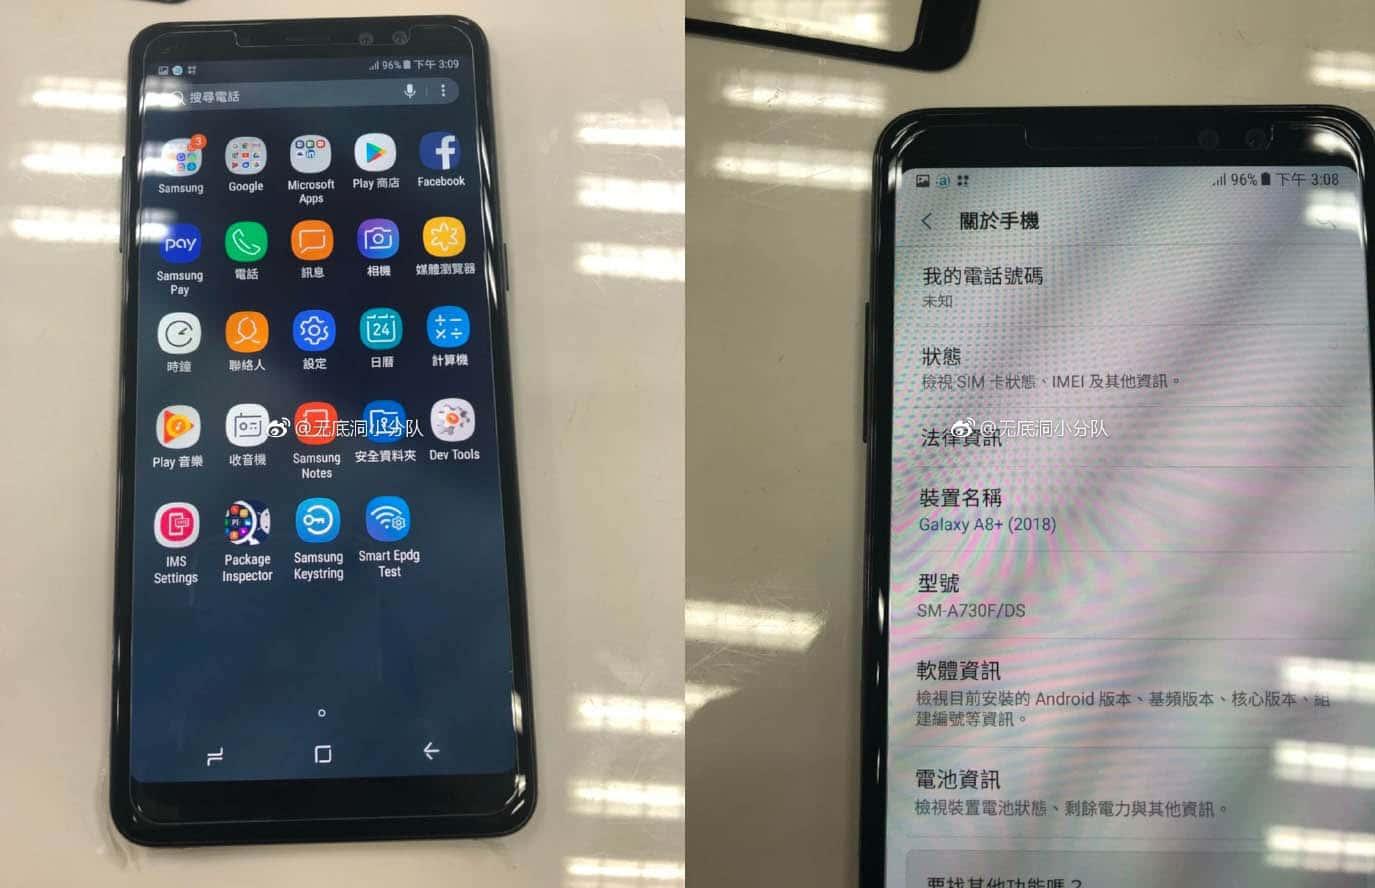 ویدیو جدیدی از گلکسی ای 8 پلاس 2018 (Galaxy A8+ 2018) به همراه مشخصات منتشر شد